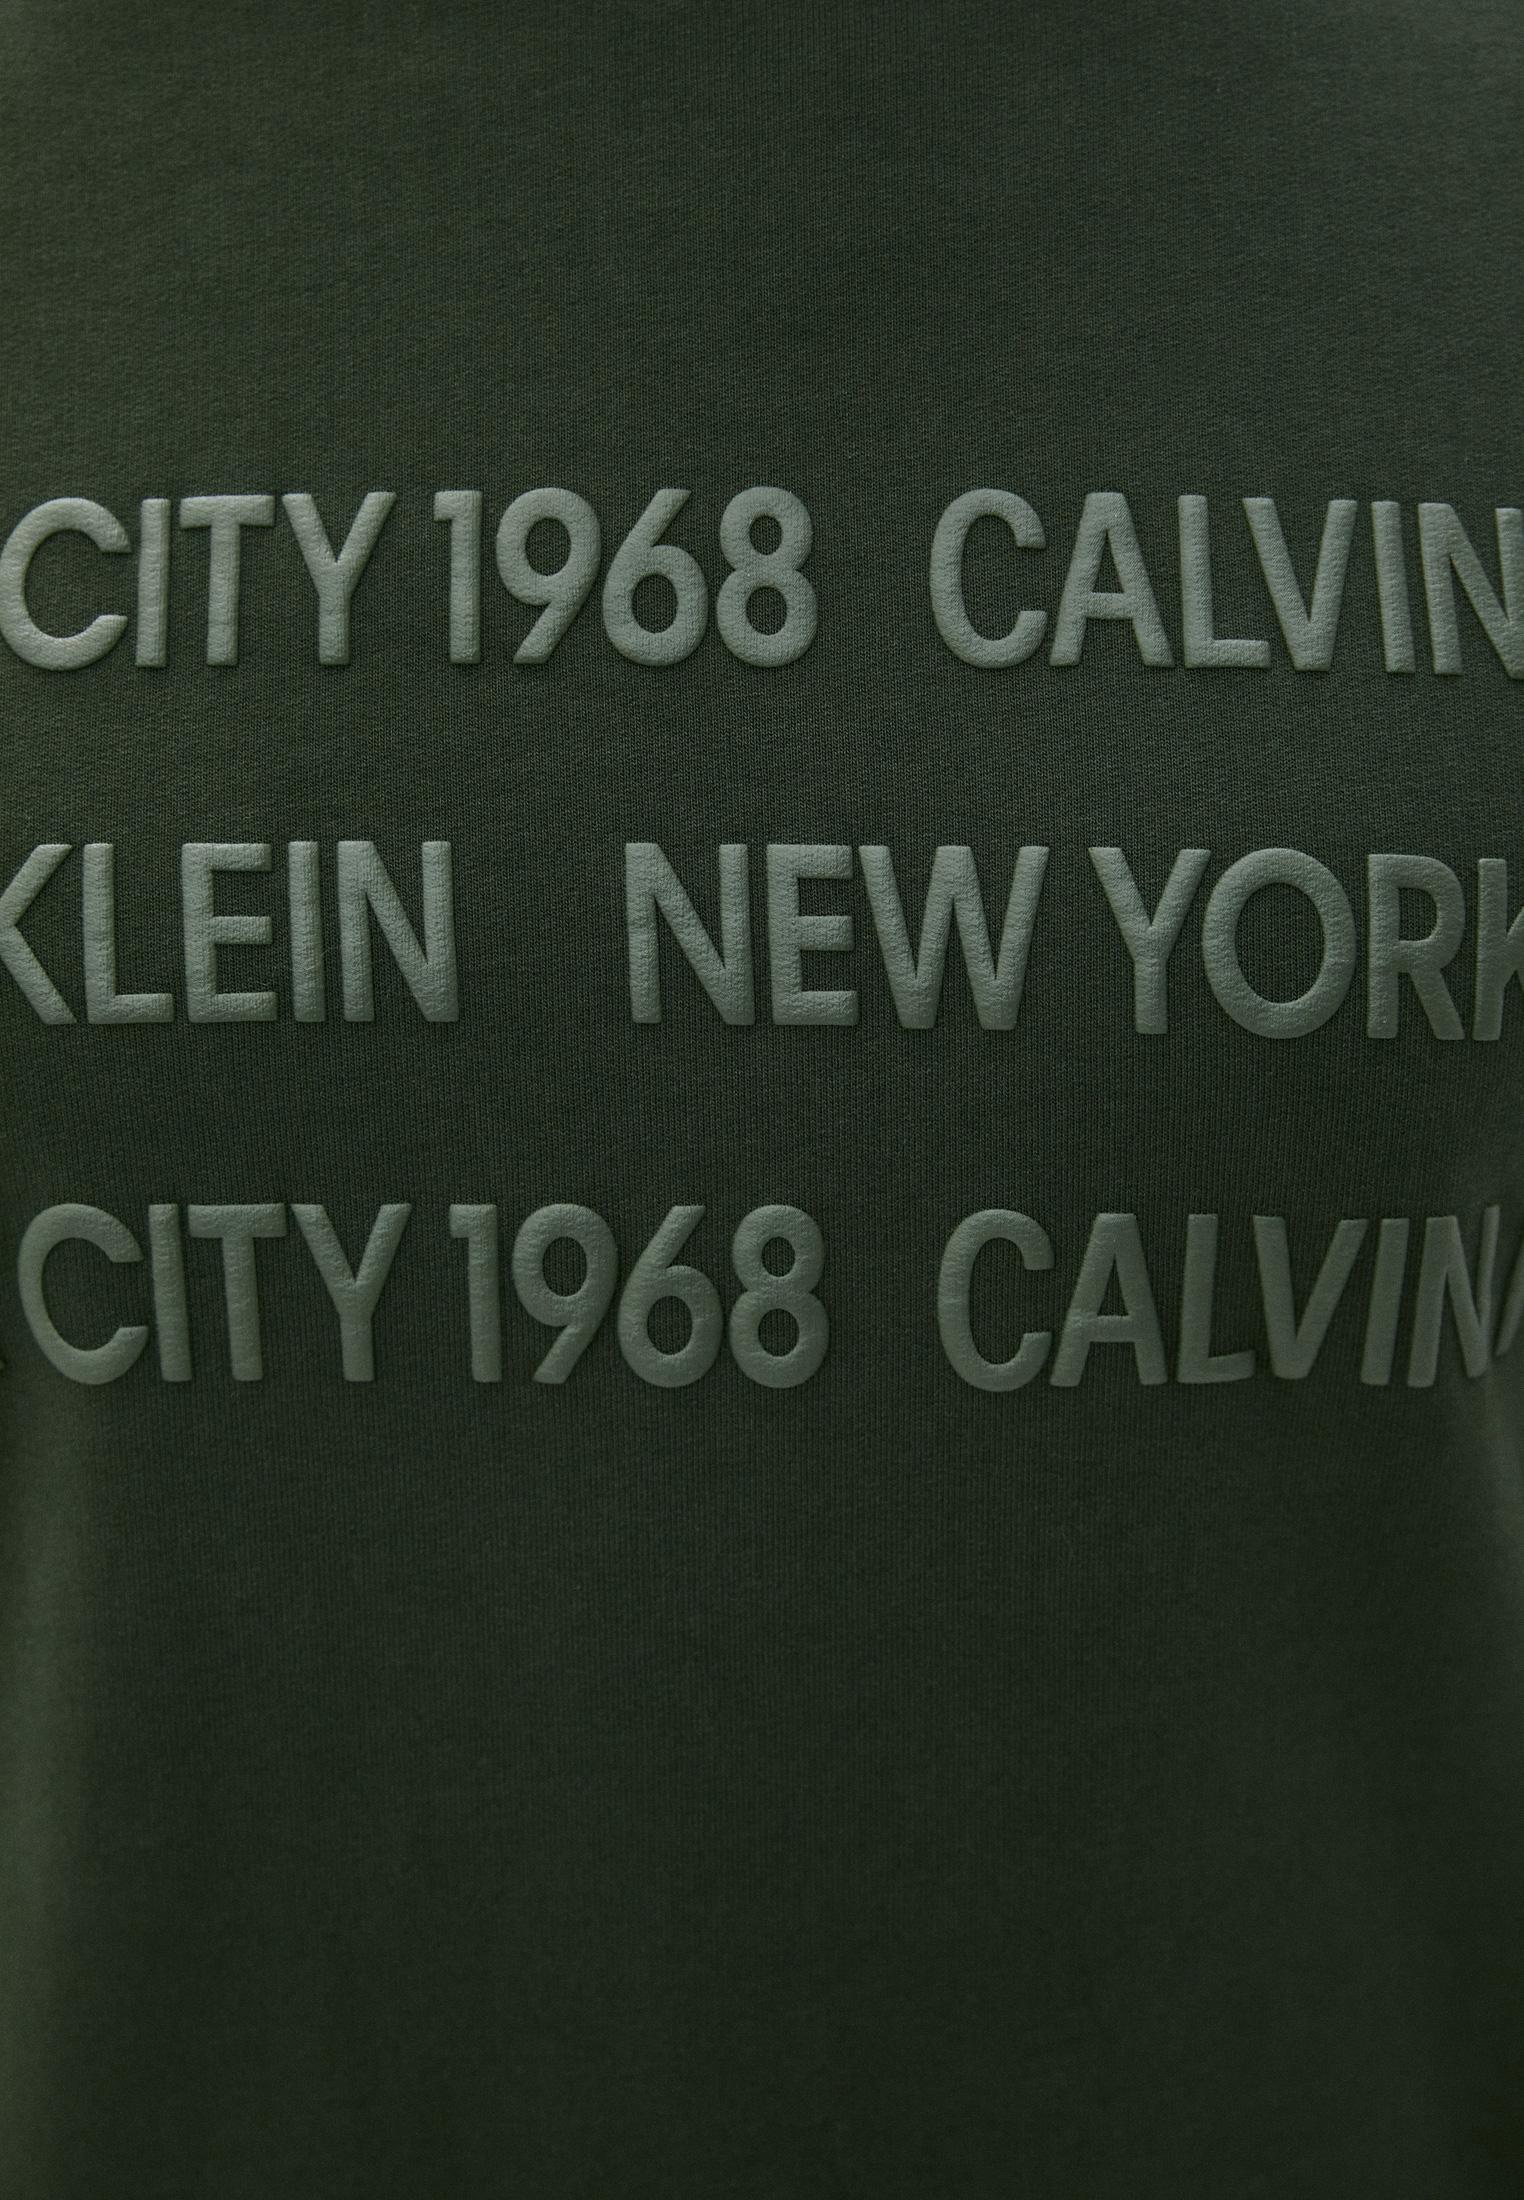 Футболка с длинным рукавом Calvin Klein (Кельвин Кляйн) k10k105956: изображение 5